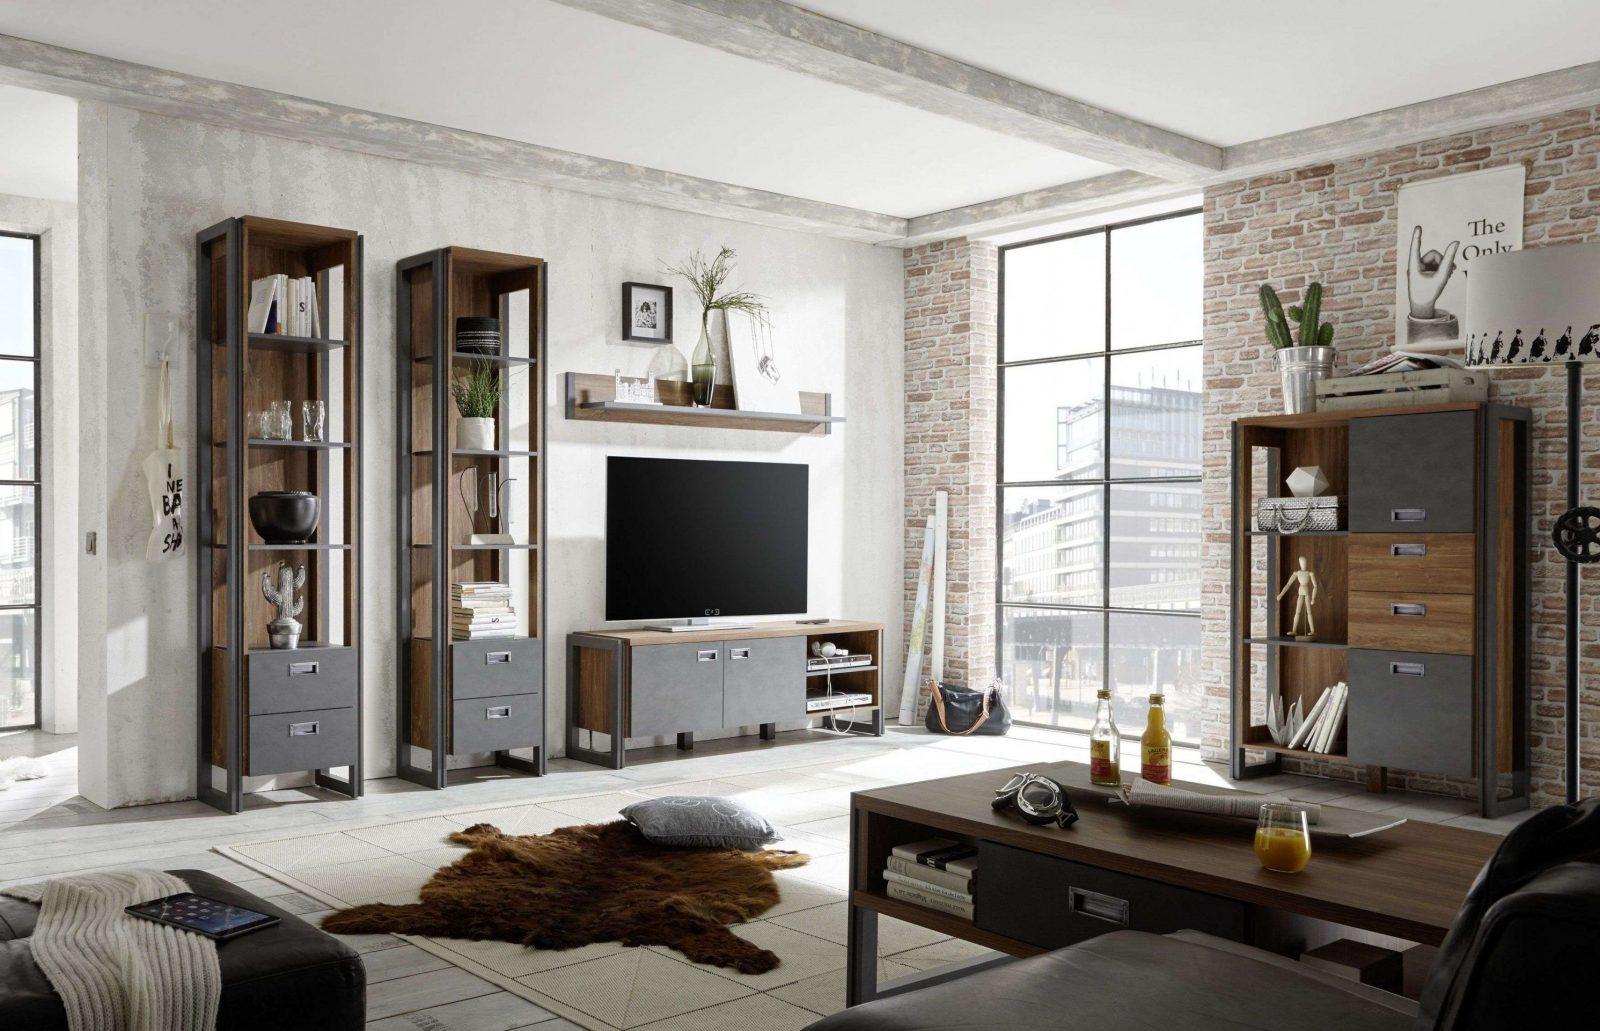 Entzuckend 33 Luxus Wohnzimmer Wände Neu Gestalten Foto Dekor Für Bed Garten Von  Wohnzimmer Wände Neu Gestalten